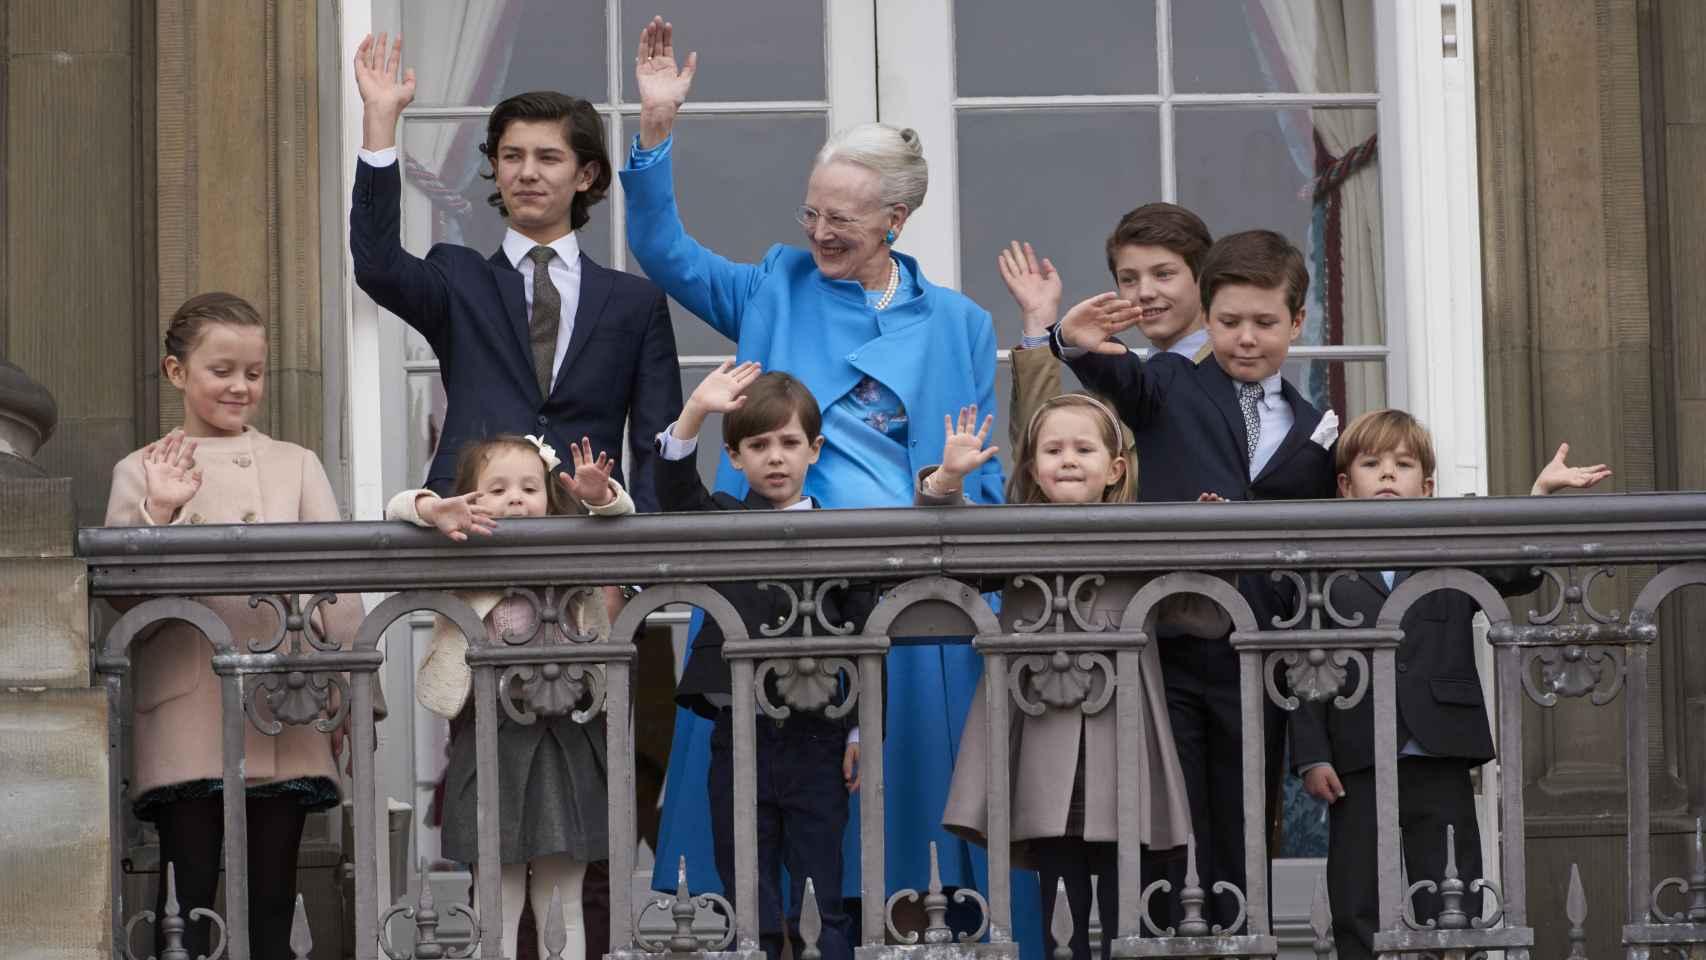 La Reina Margarita quiso que sus nietos salieran a saludar con ella